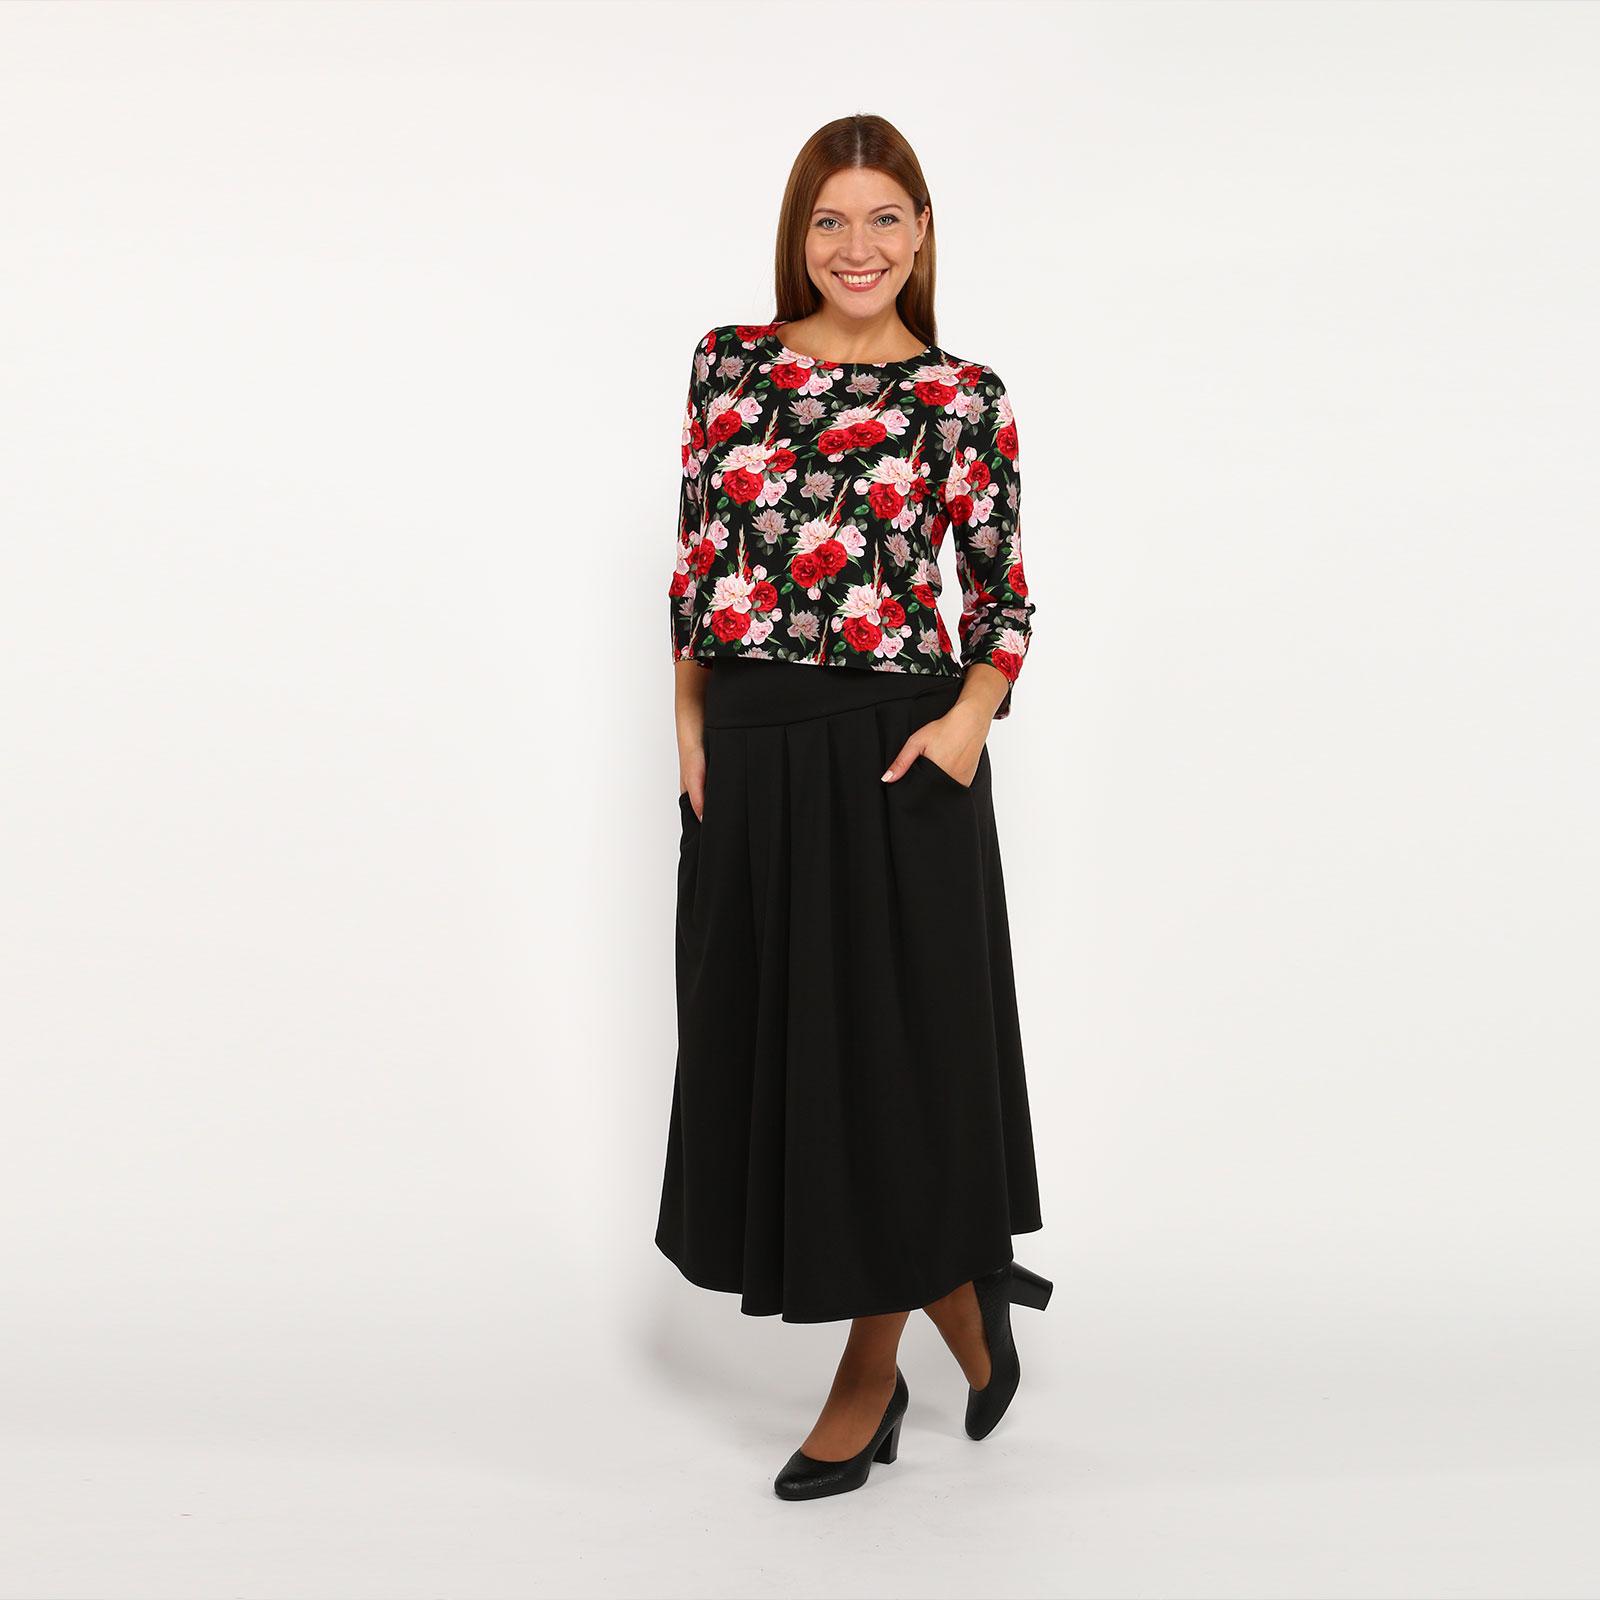 Комплект: юбка расклешенного кроя и блуза